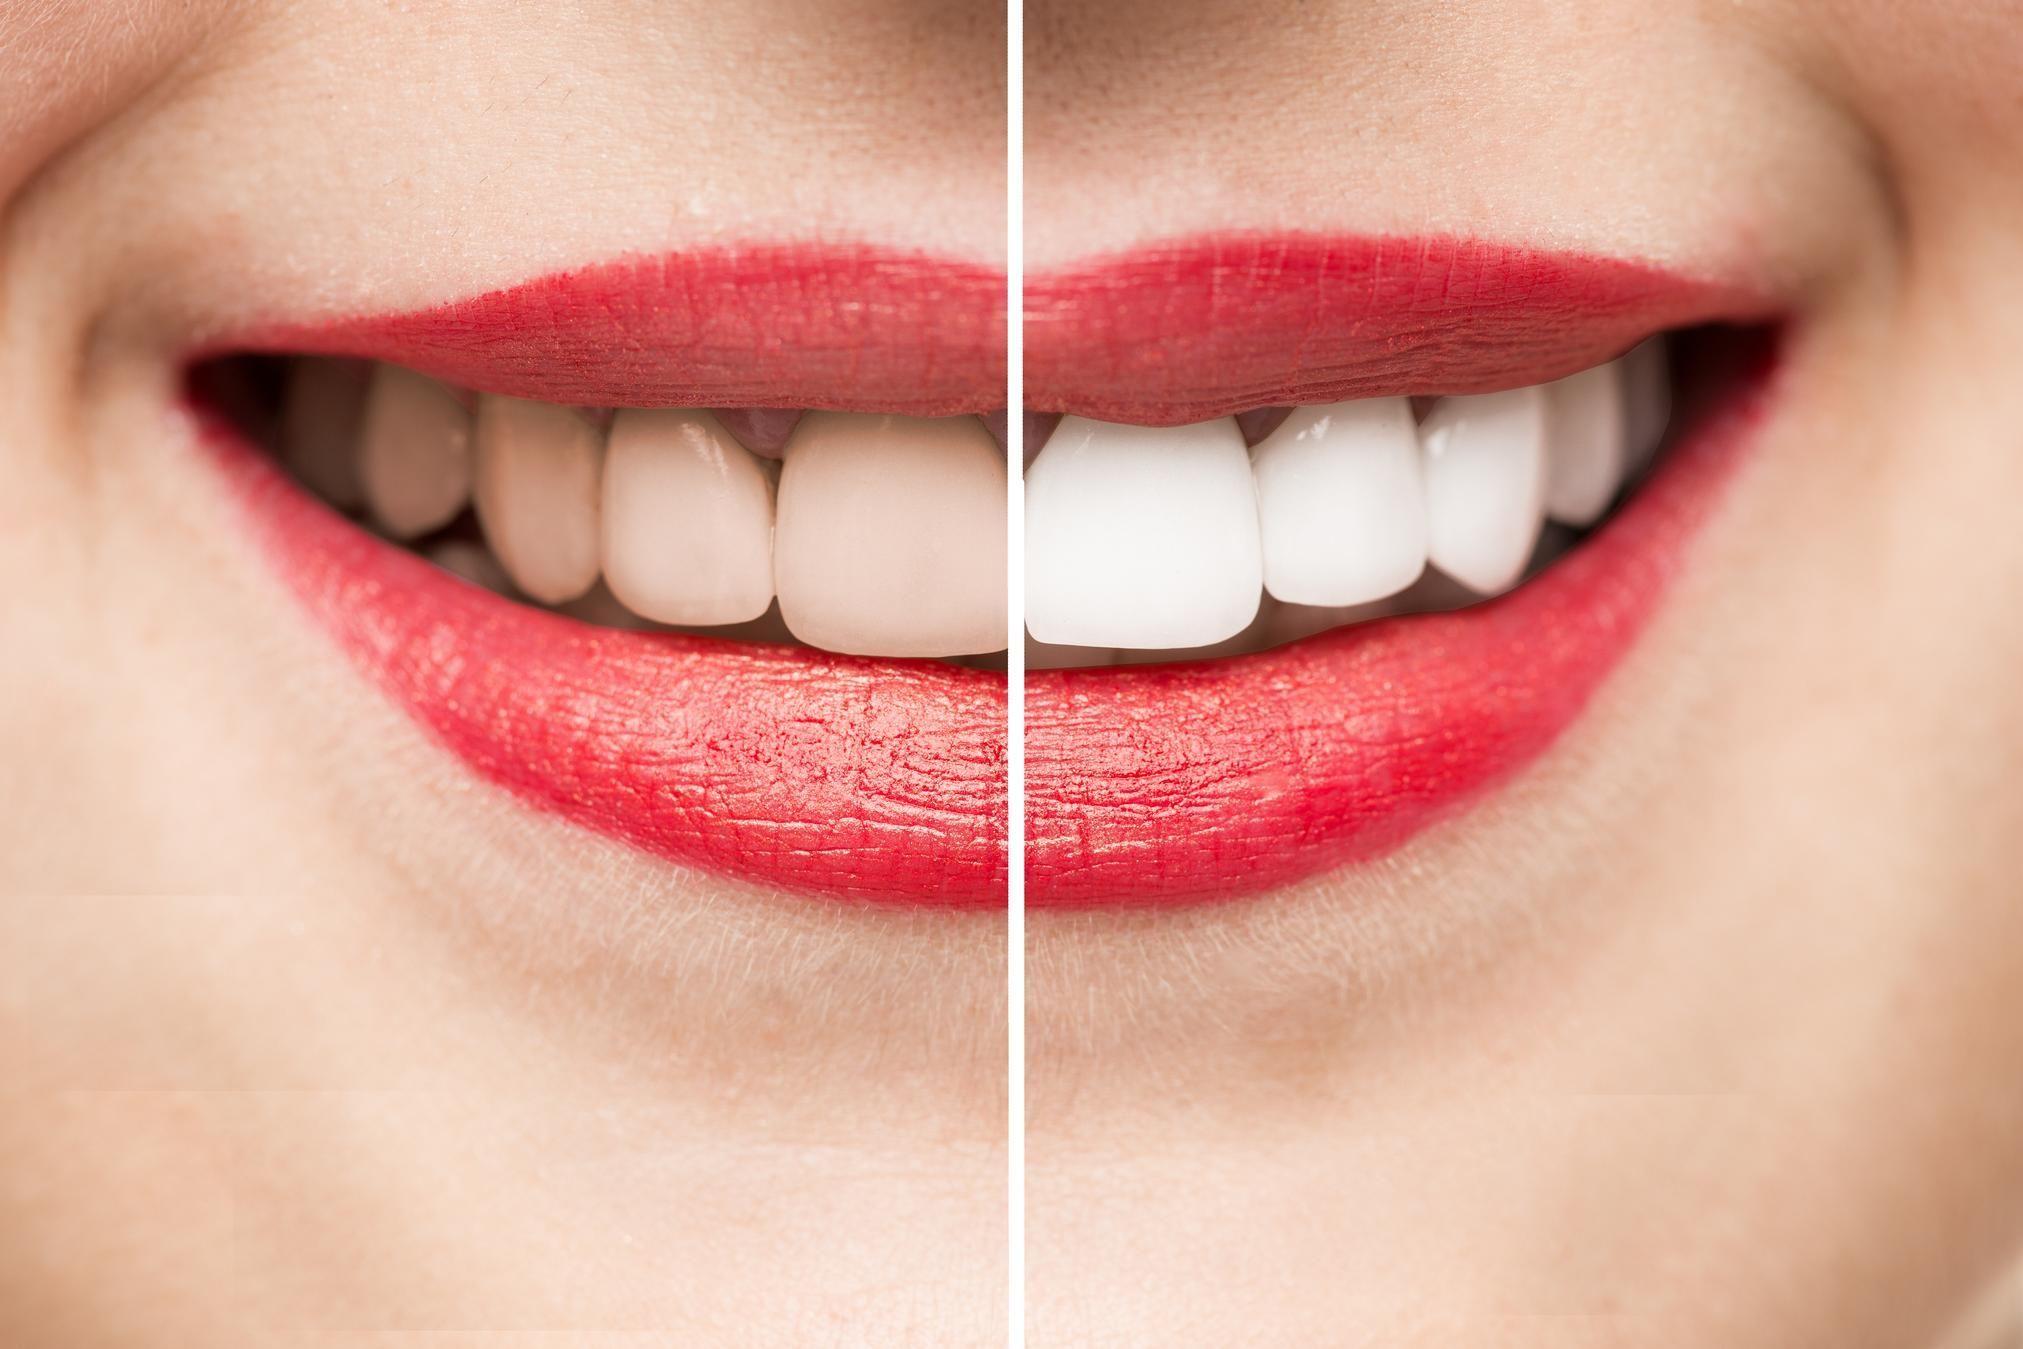 bd3fac59ae3a14 Facettes dentaires   prix, durée de vie, entretien - Doctissimo